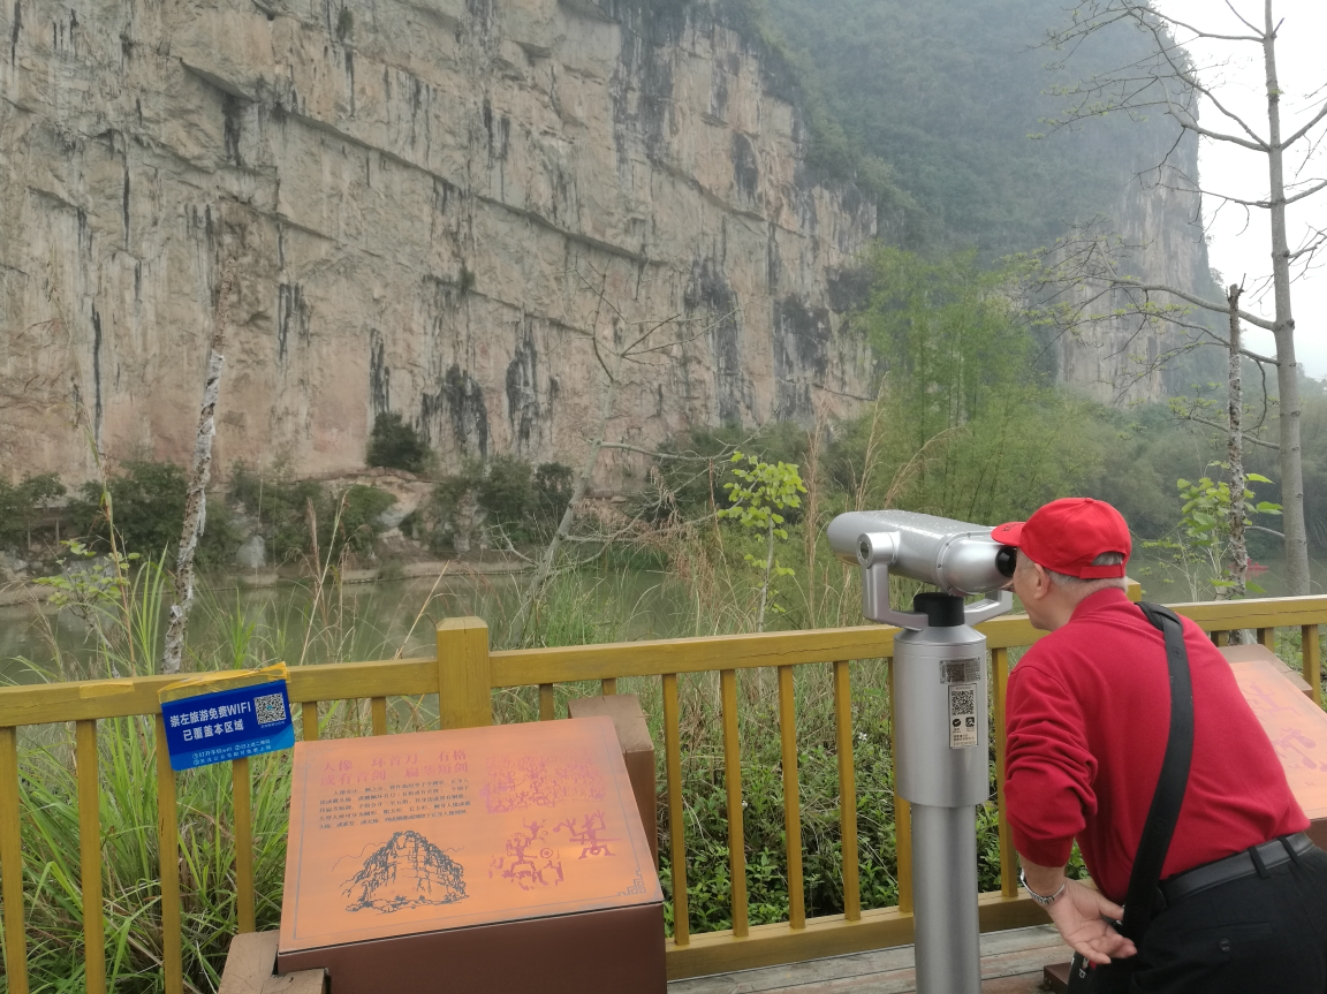 花山壁画旅游景点攻略图